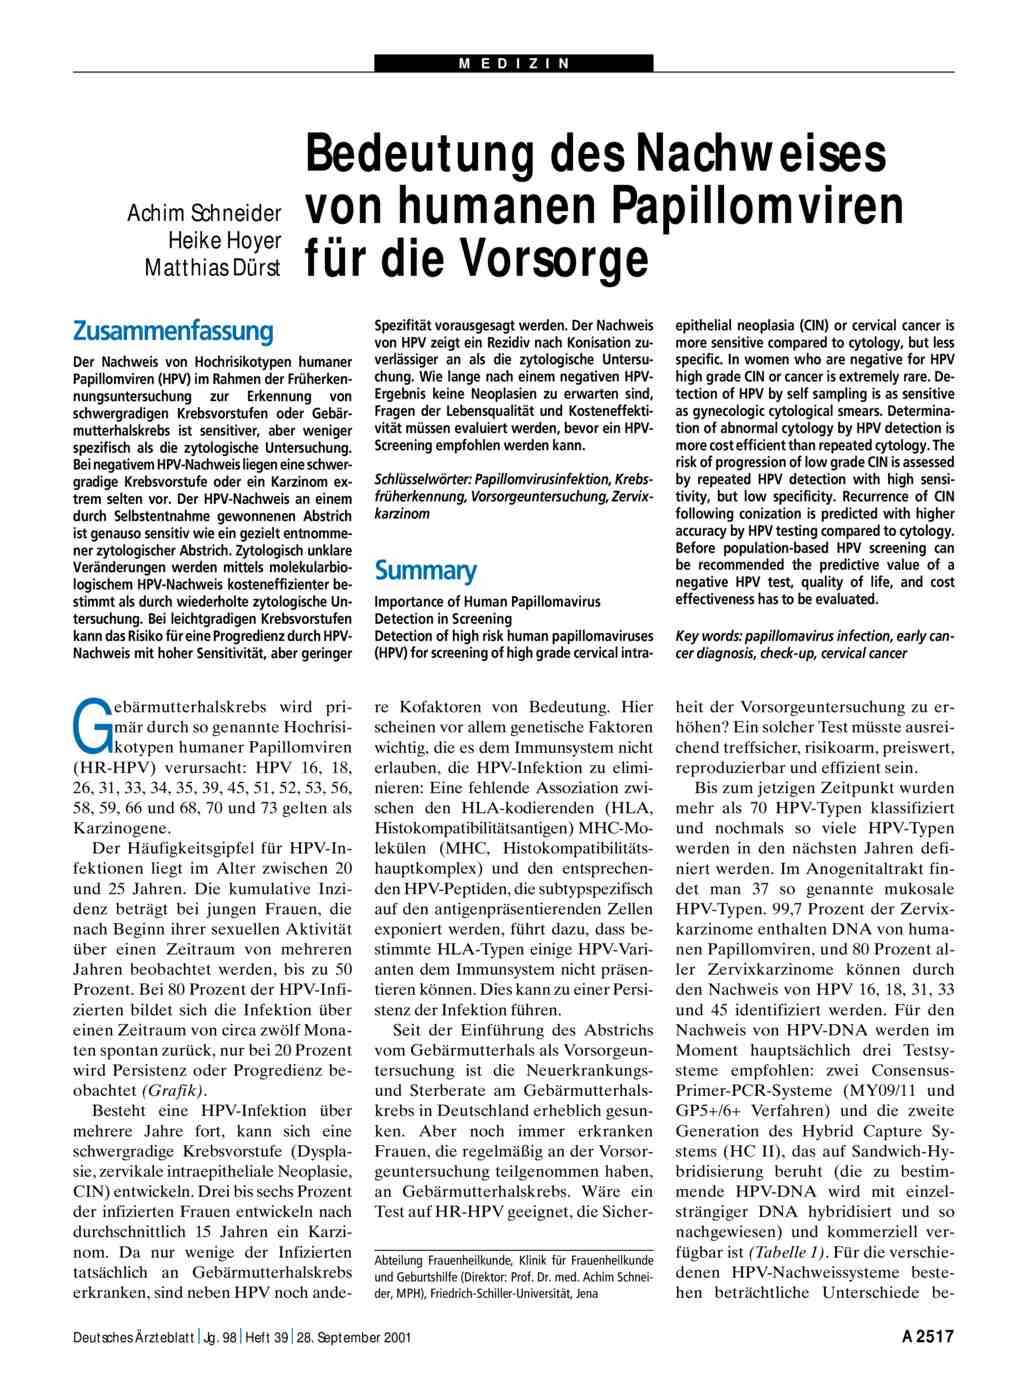 papilloma vírus 39